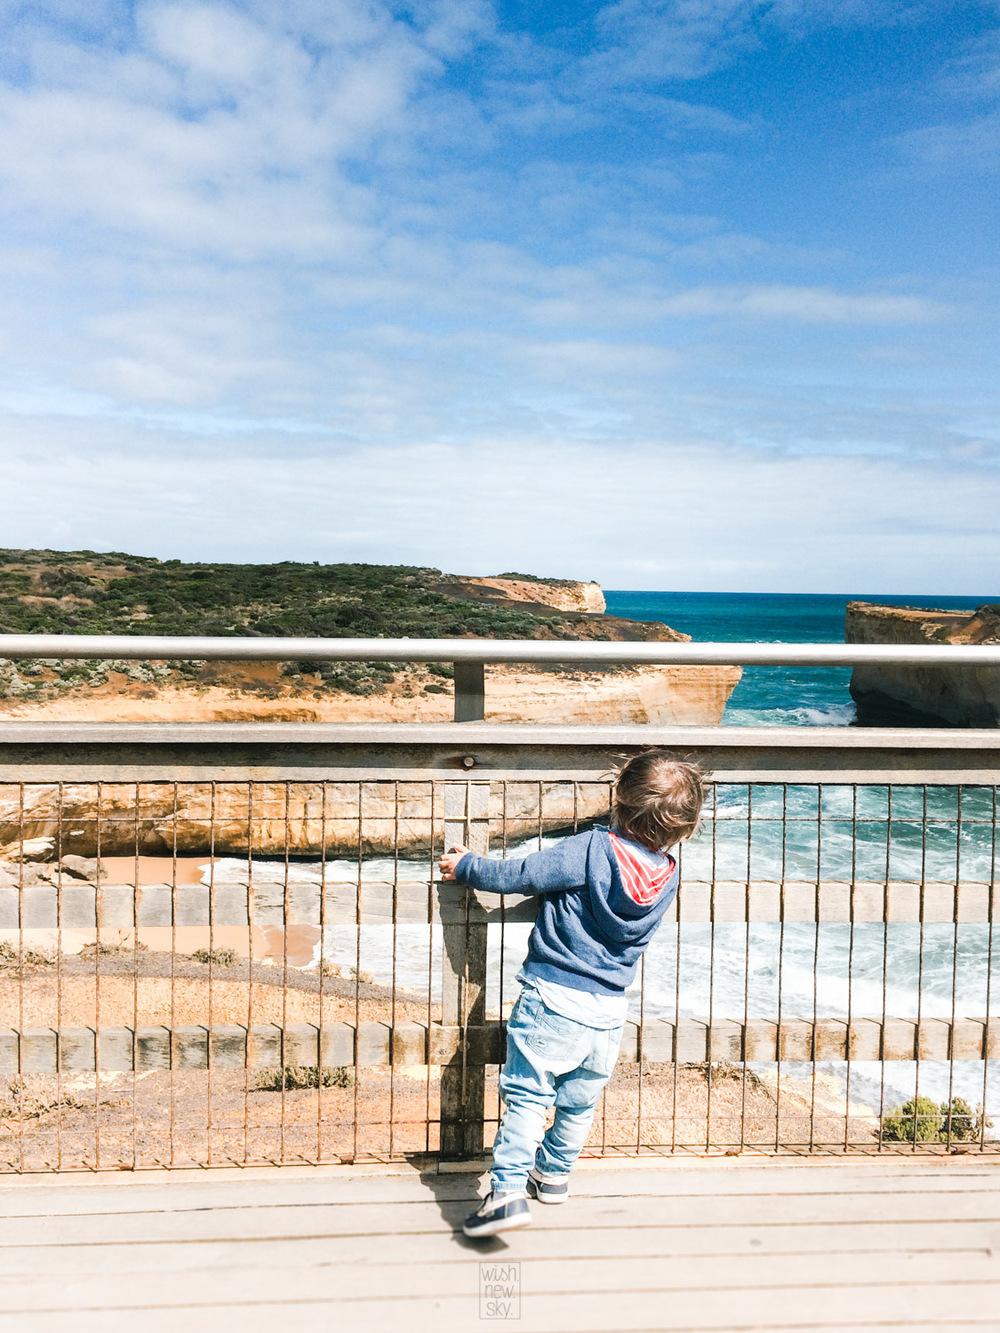 AustraliaByWishNewSky-581.jpg